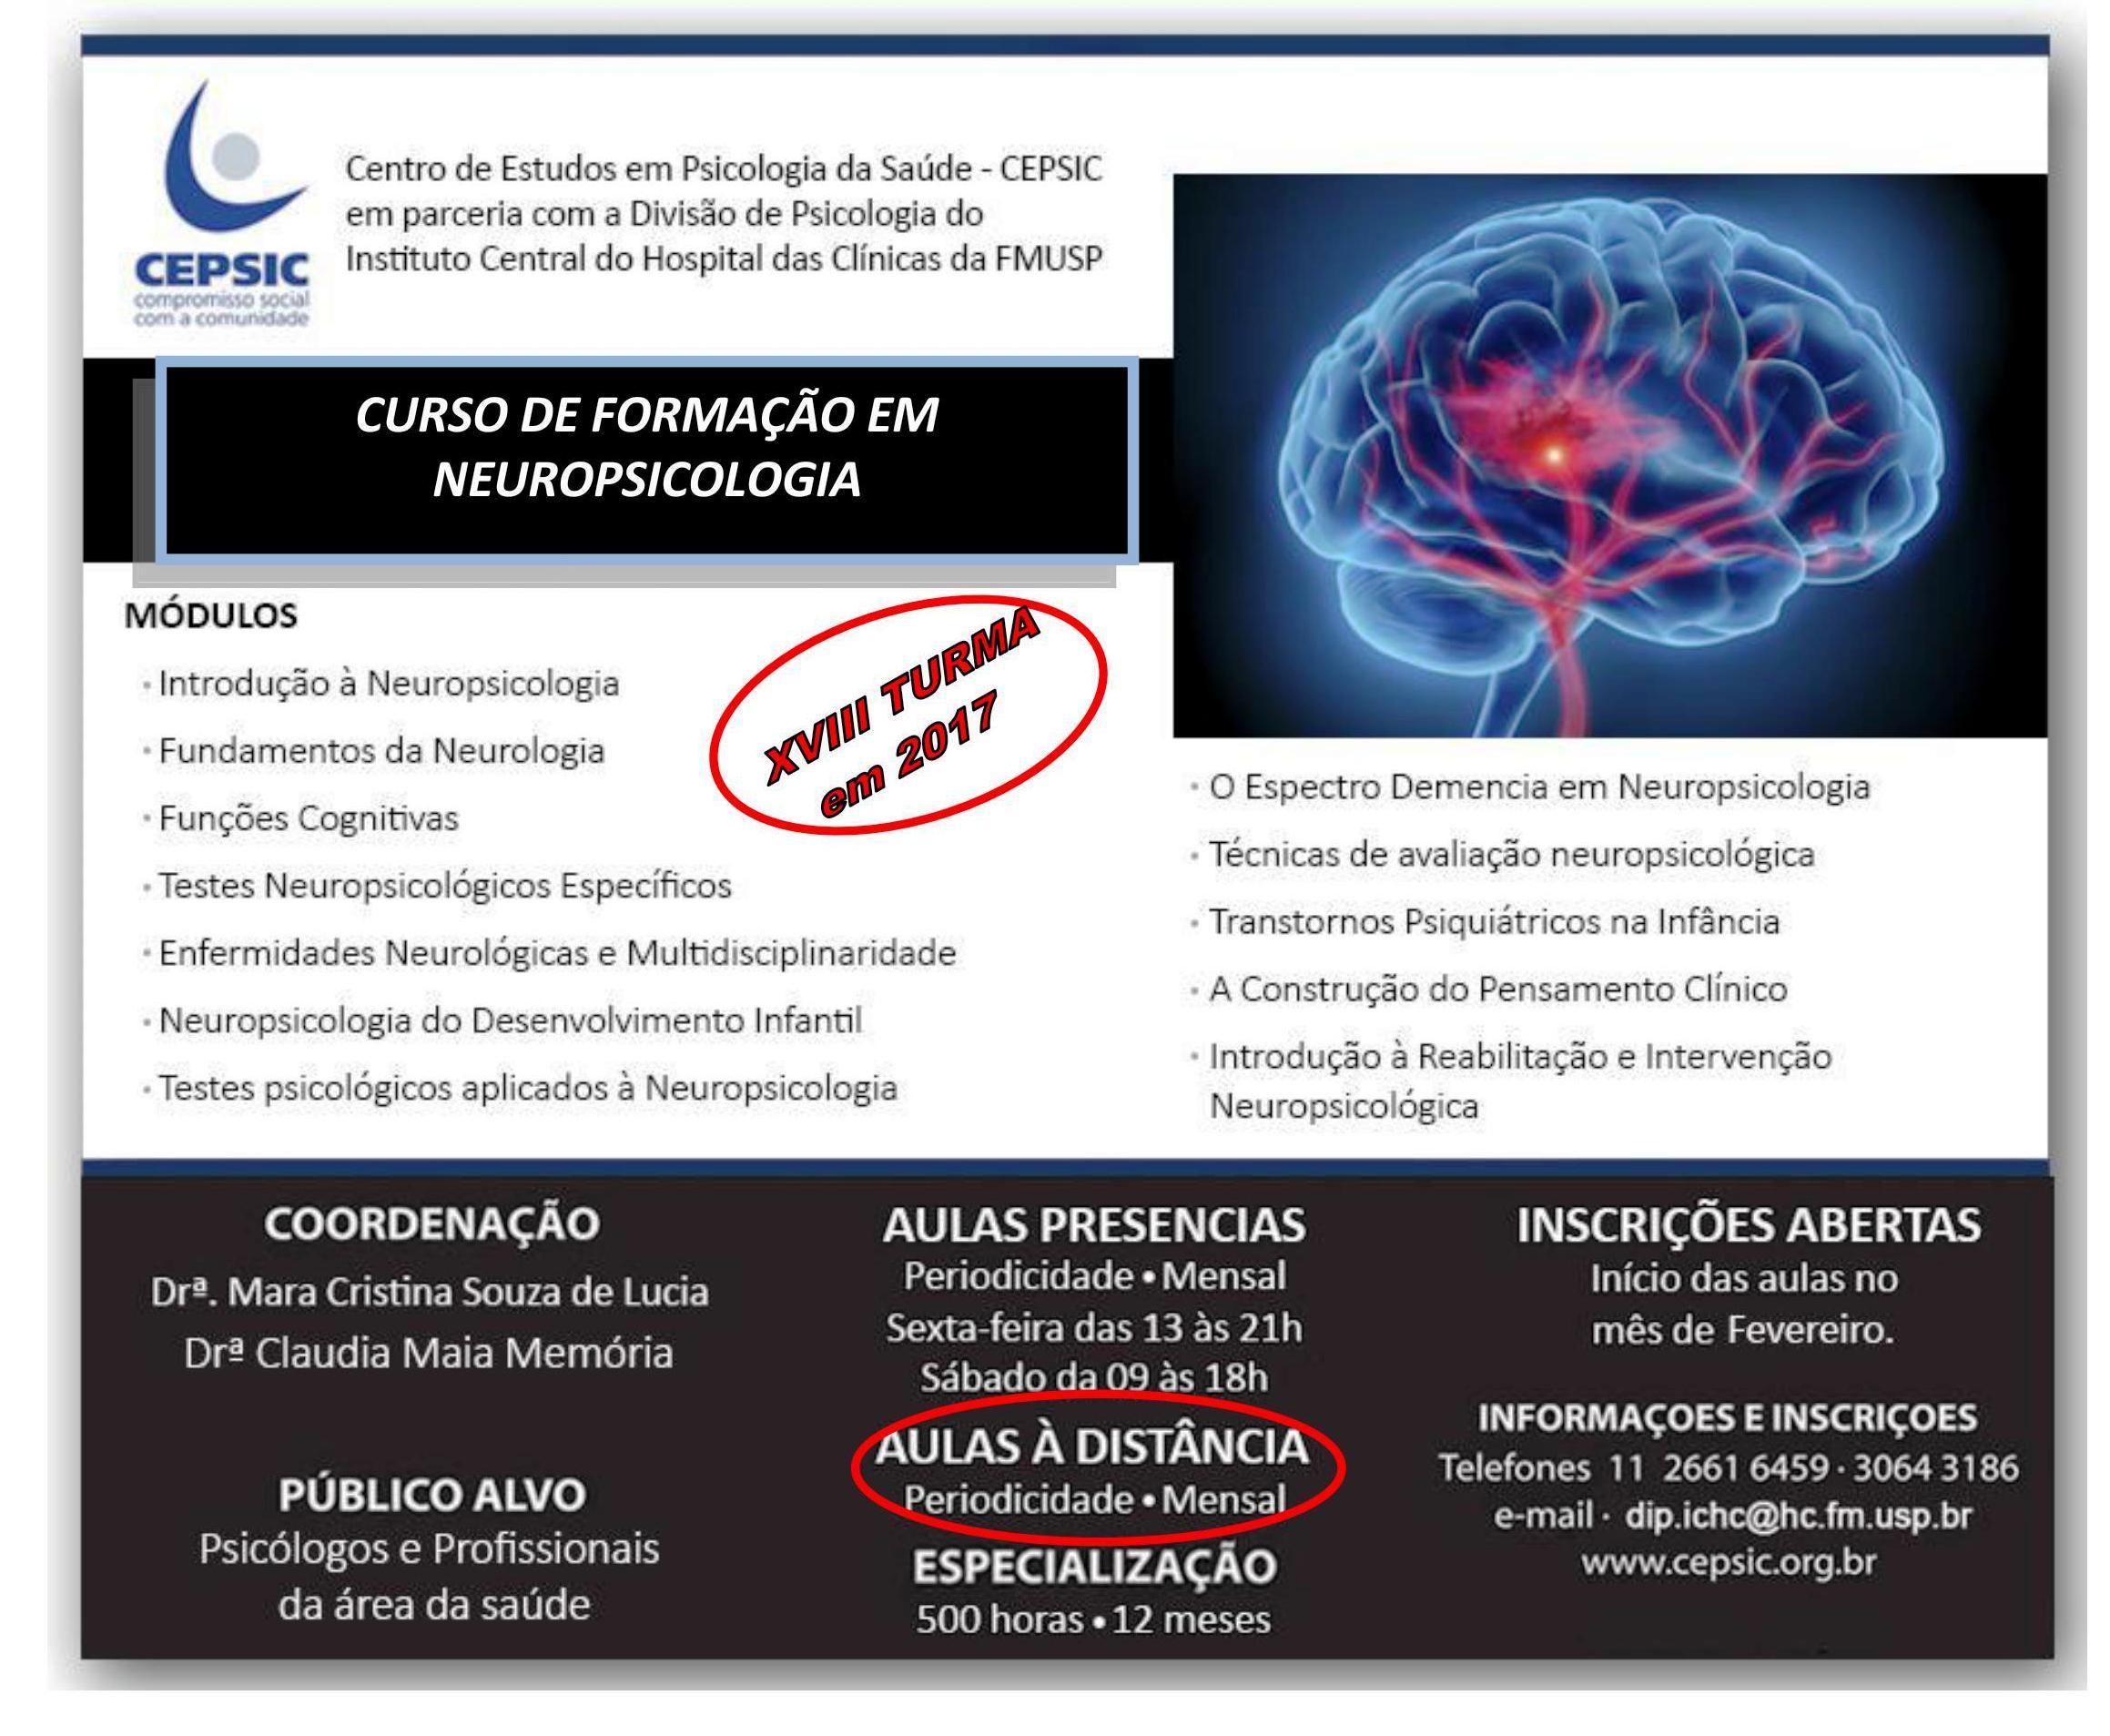 Curso de Formação em Neuropsicologia HCFMUSP e CEPSIC/2017